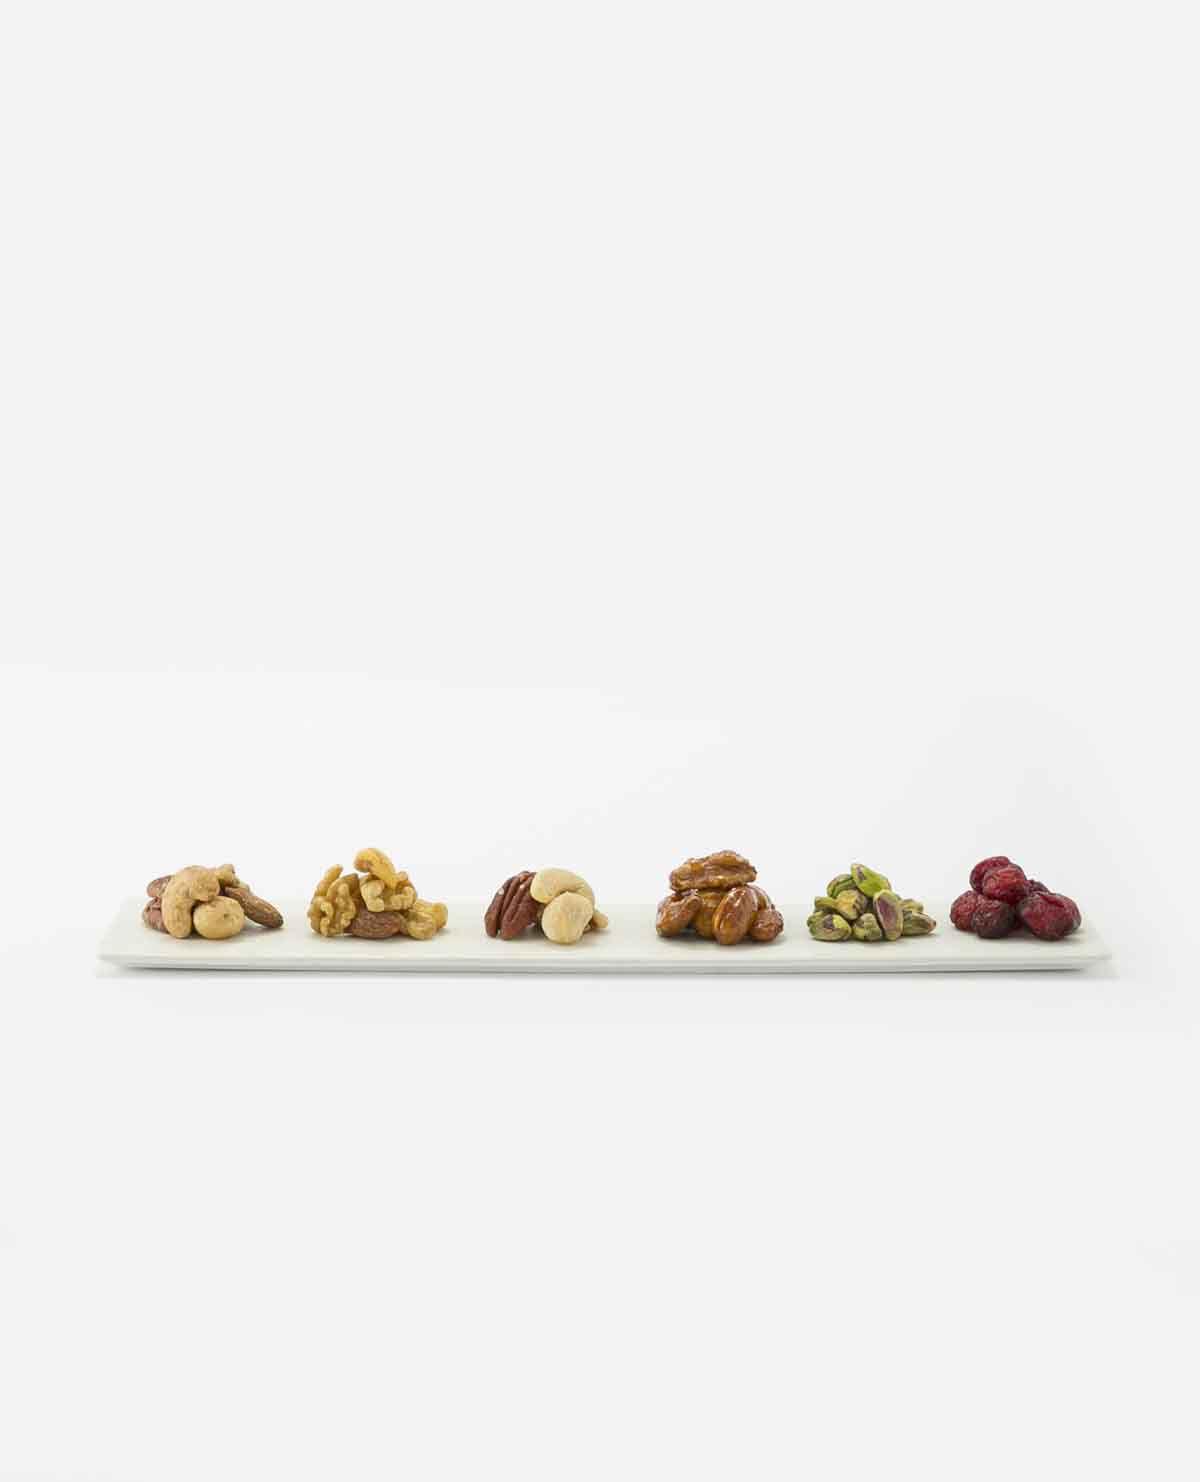 ナッツとドライフルーツ 6種のギフト L